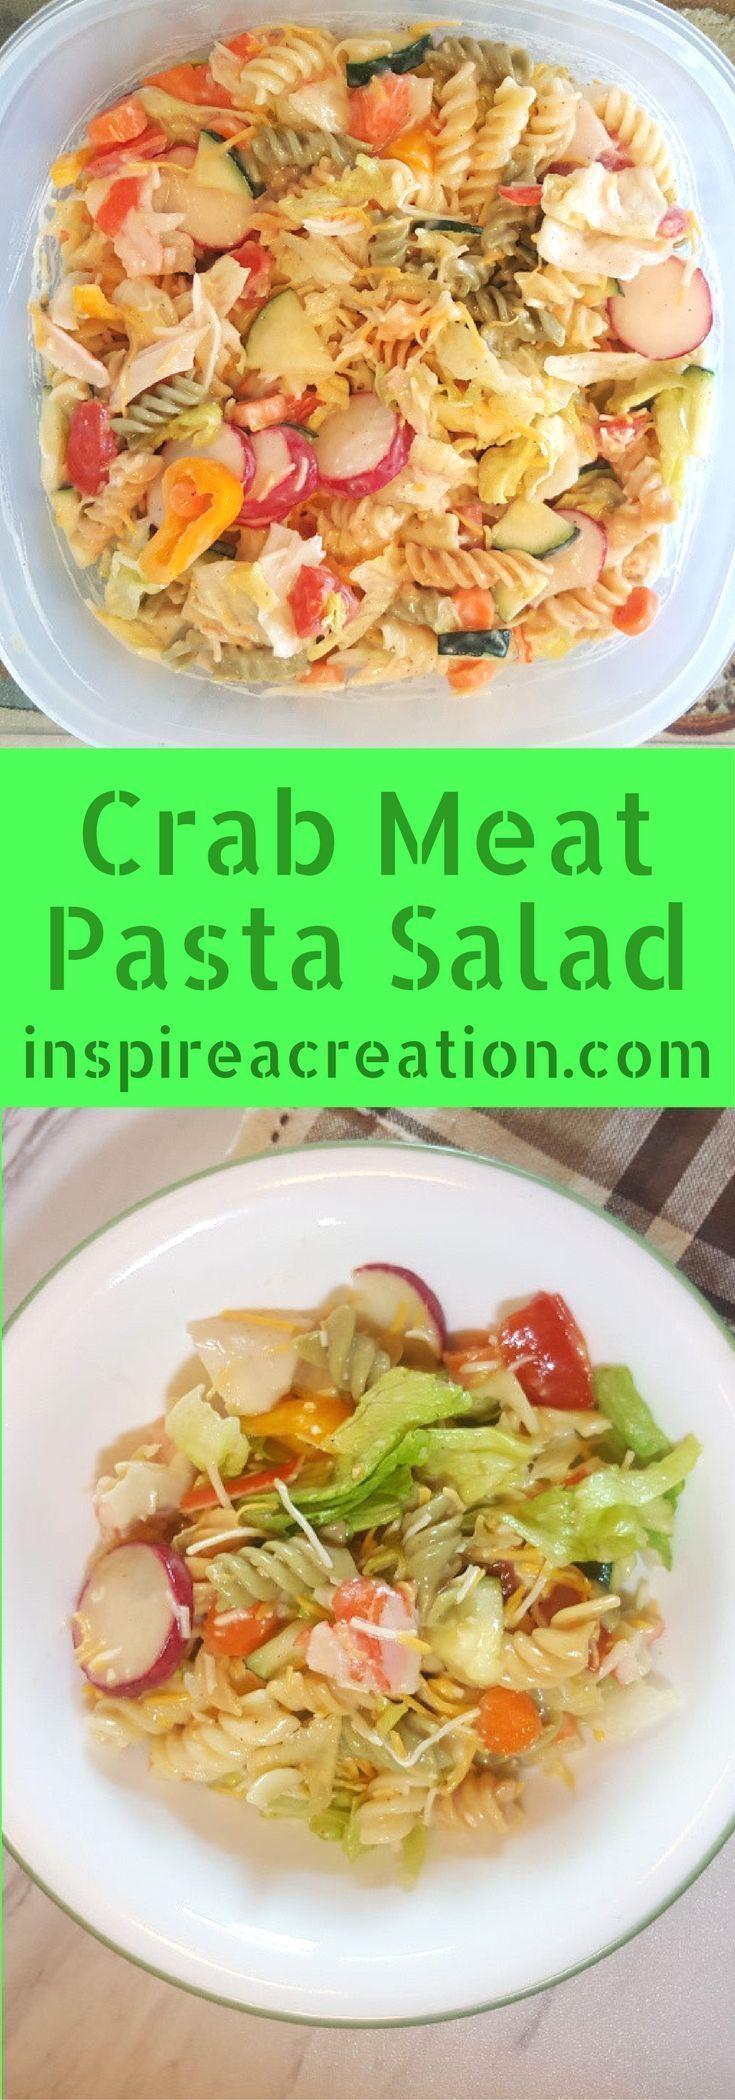 Crab Meat Pasta Salad | Recipe in 2020 | Easy pasta salad ...